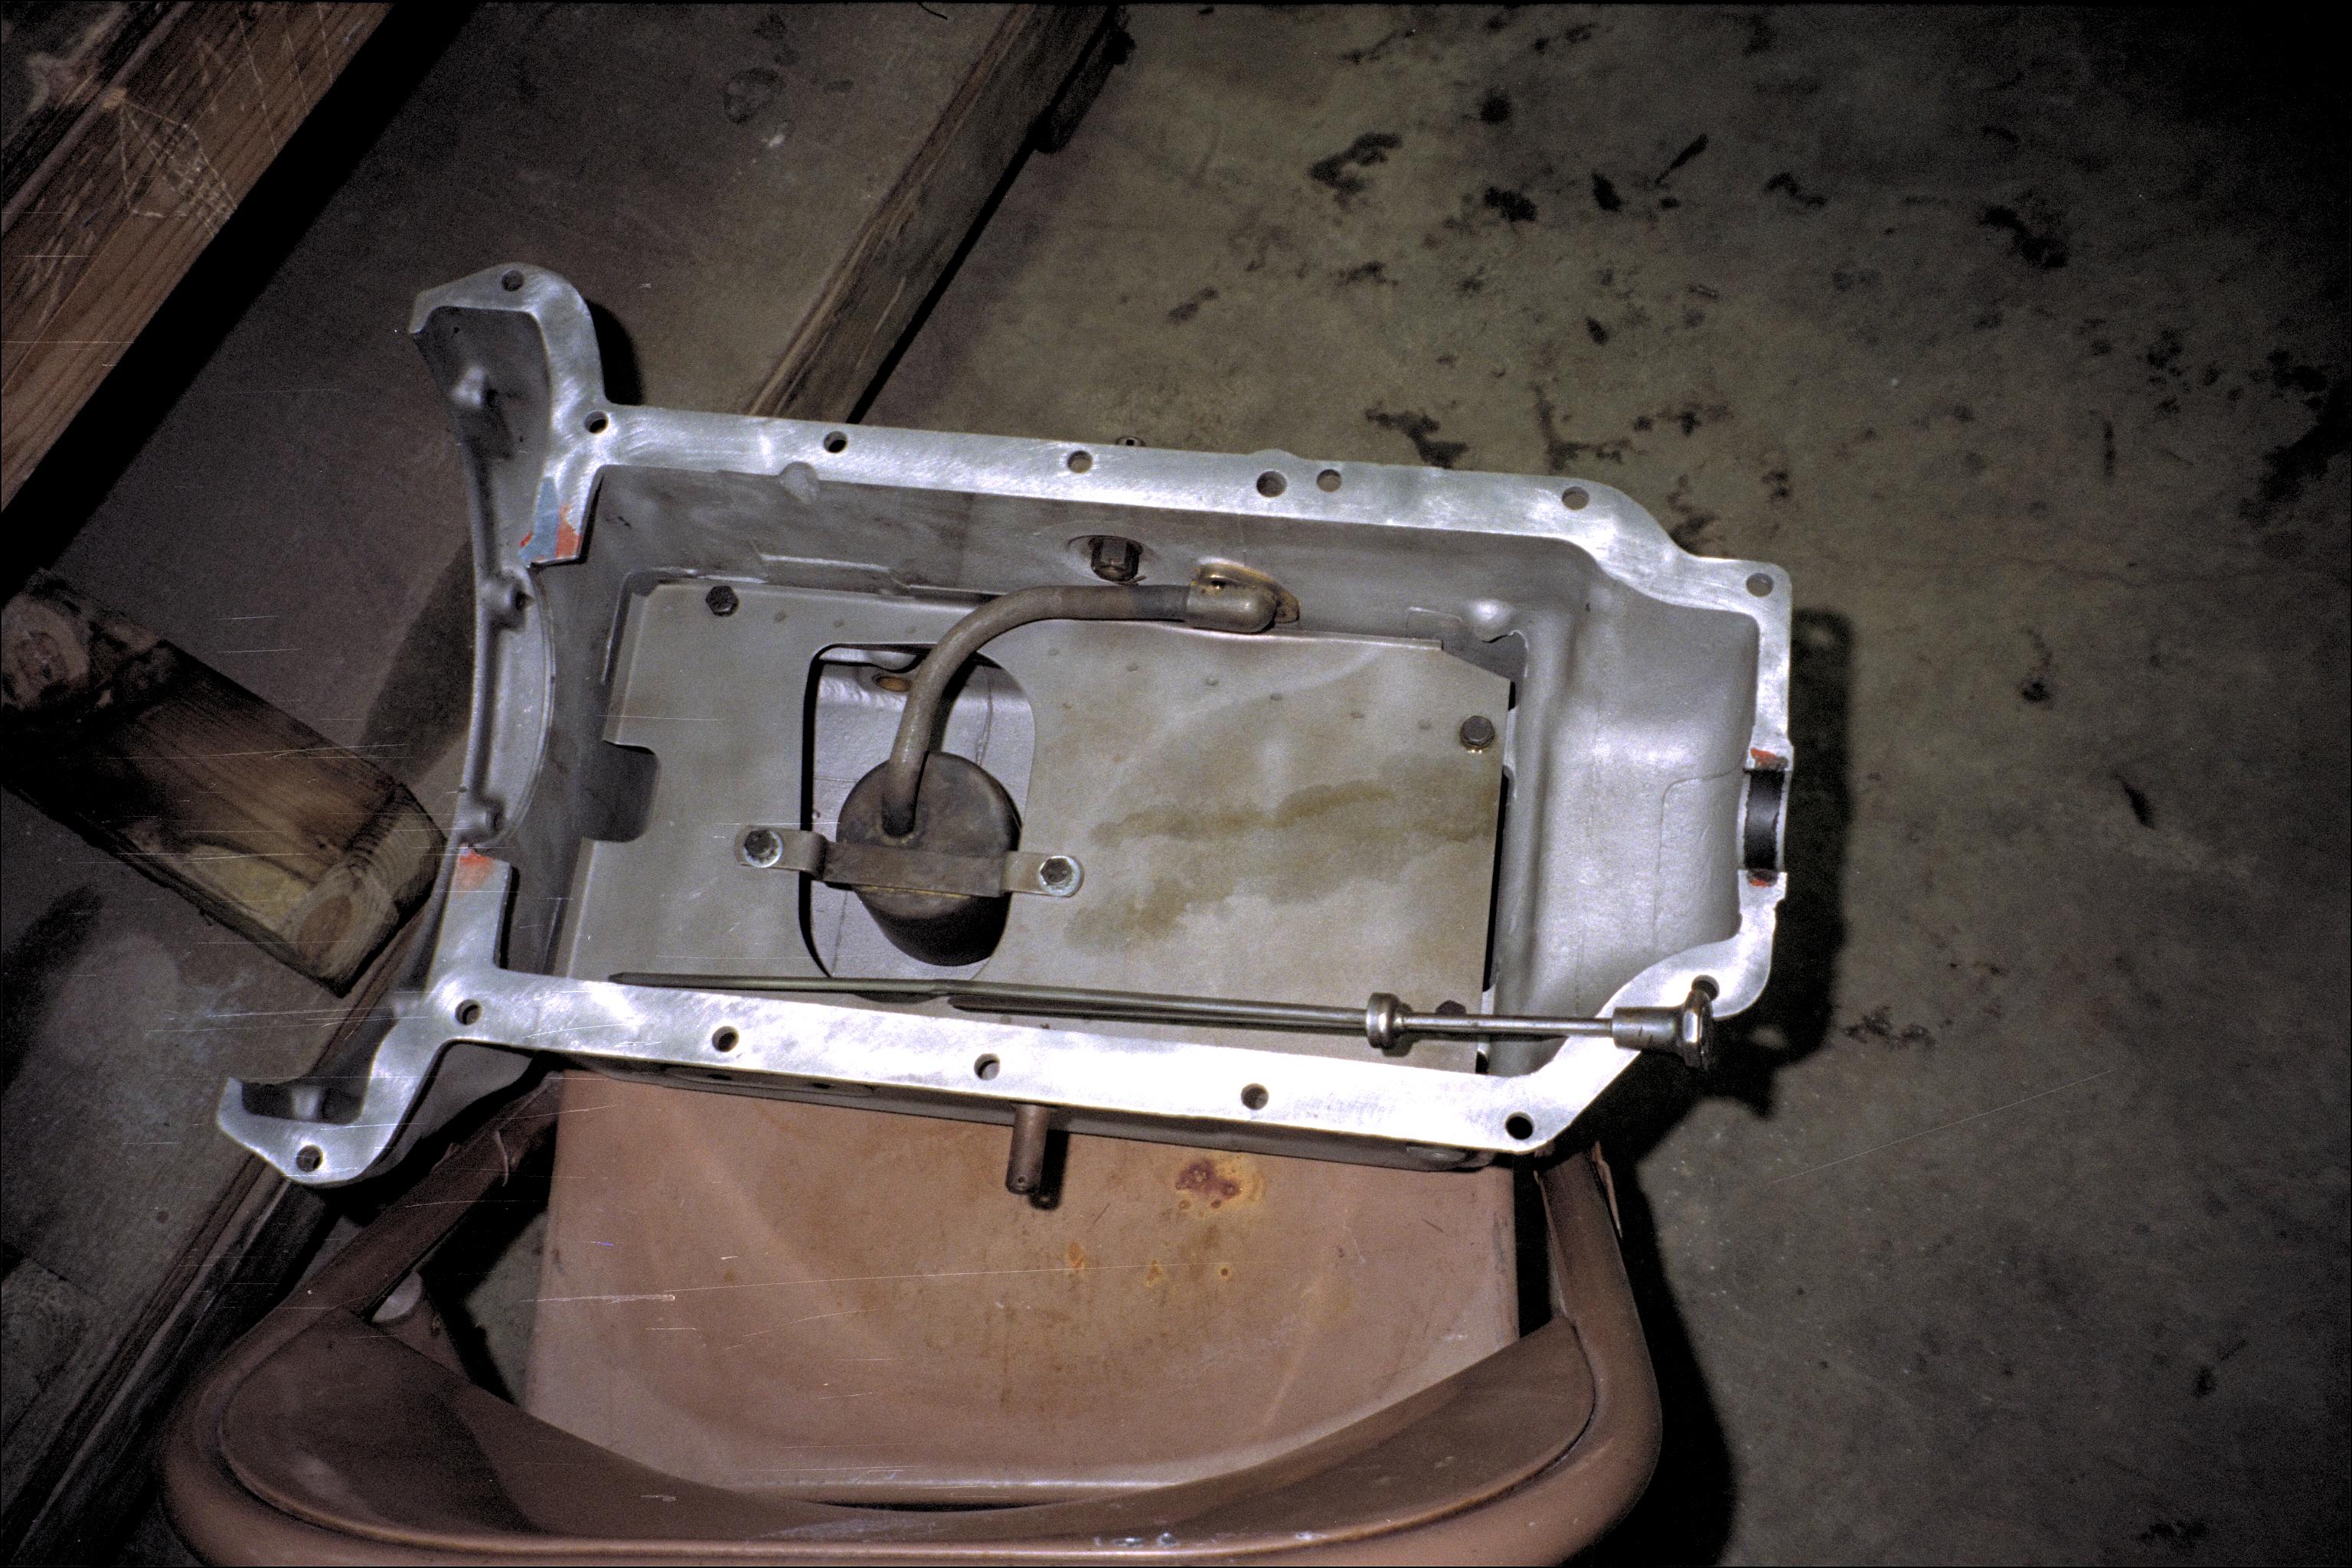 Inside the oil pan